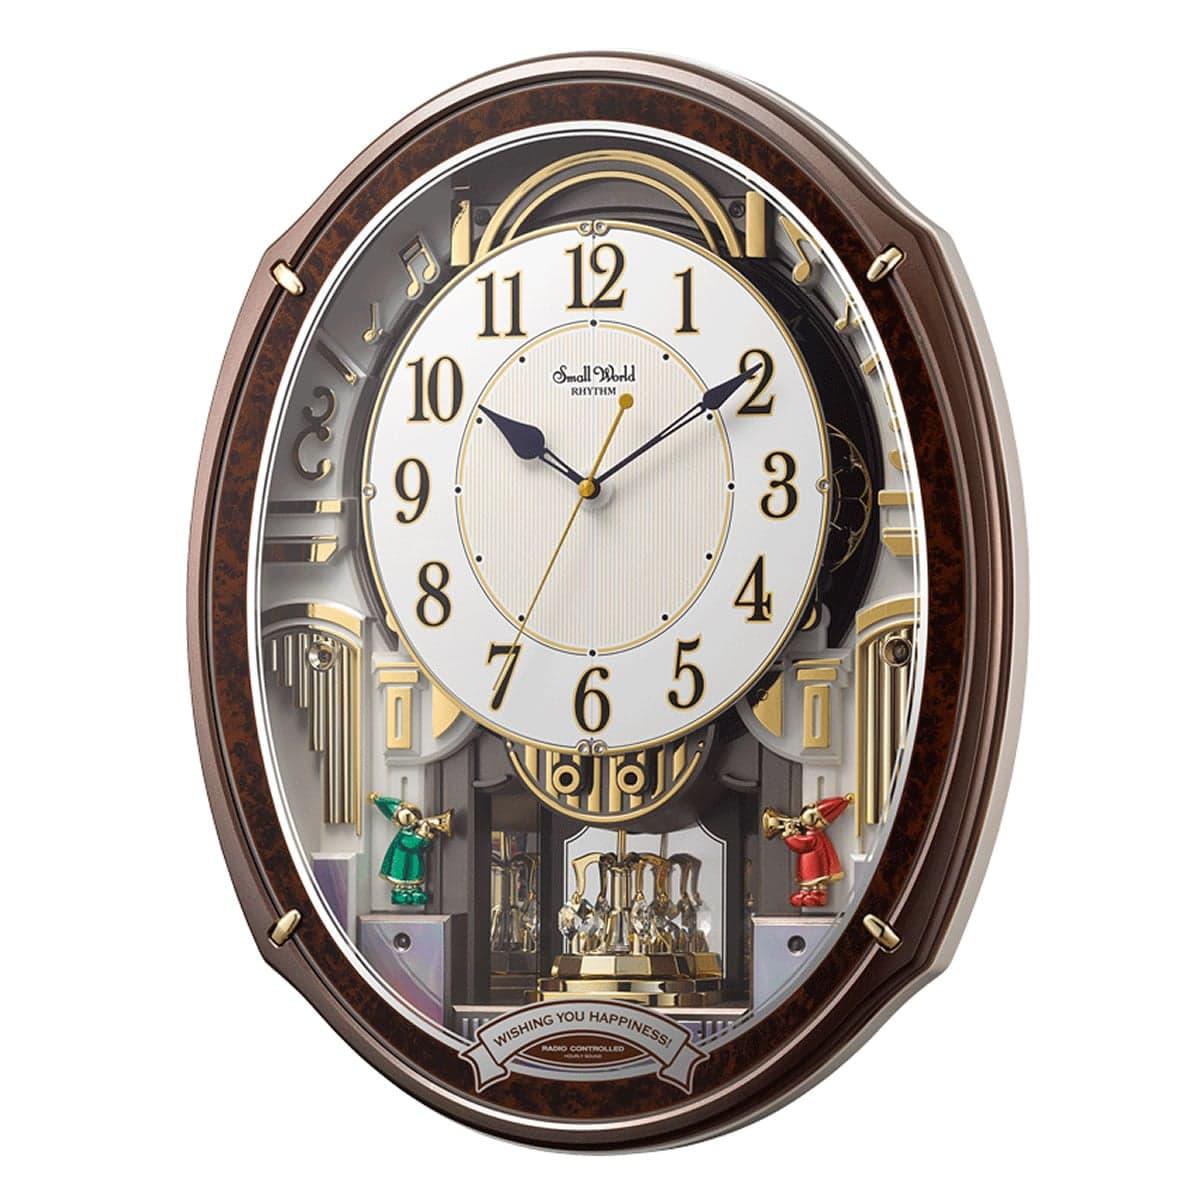 RHYTHM(リズム) SmallWorld 電波掛け時計 スモールワールドアルディ 4MN545RH23